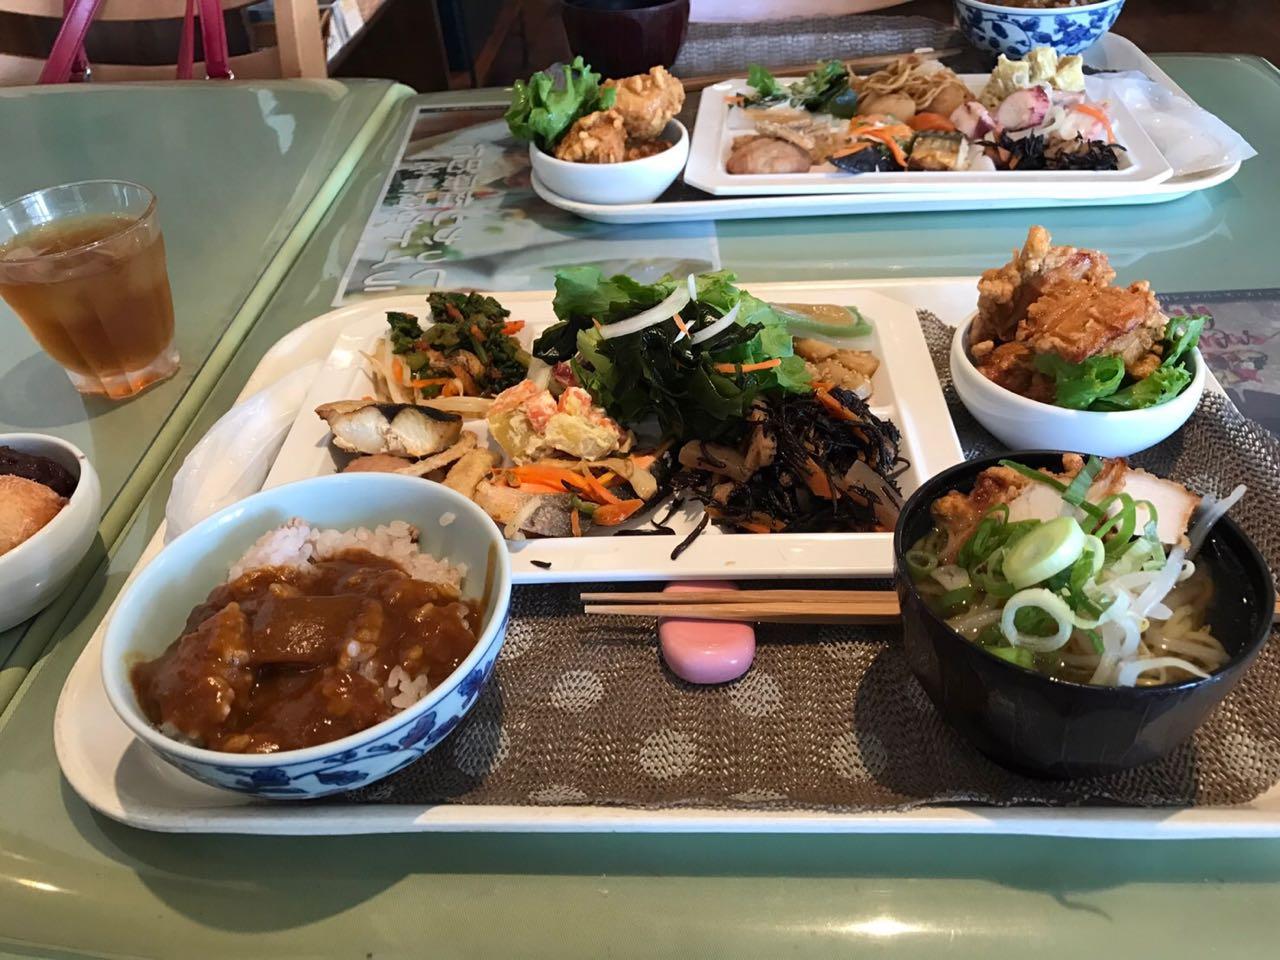 みとん今治,ティア家族のテーブル,喜田村,自然食,ランチ